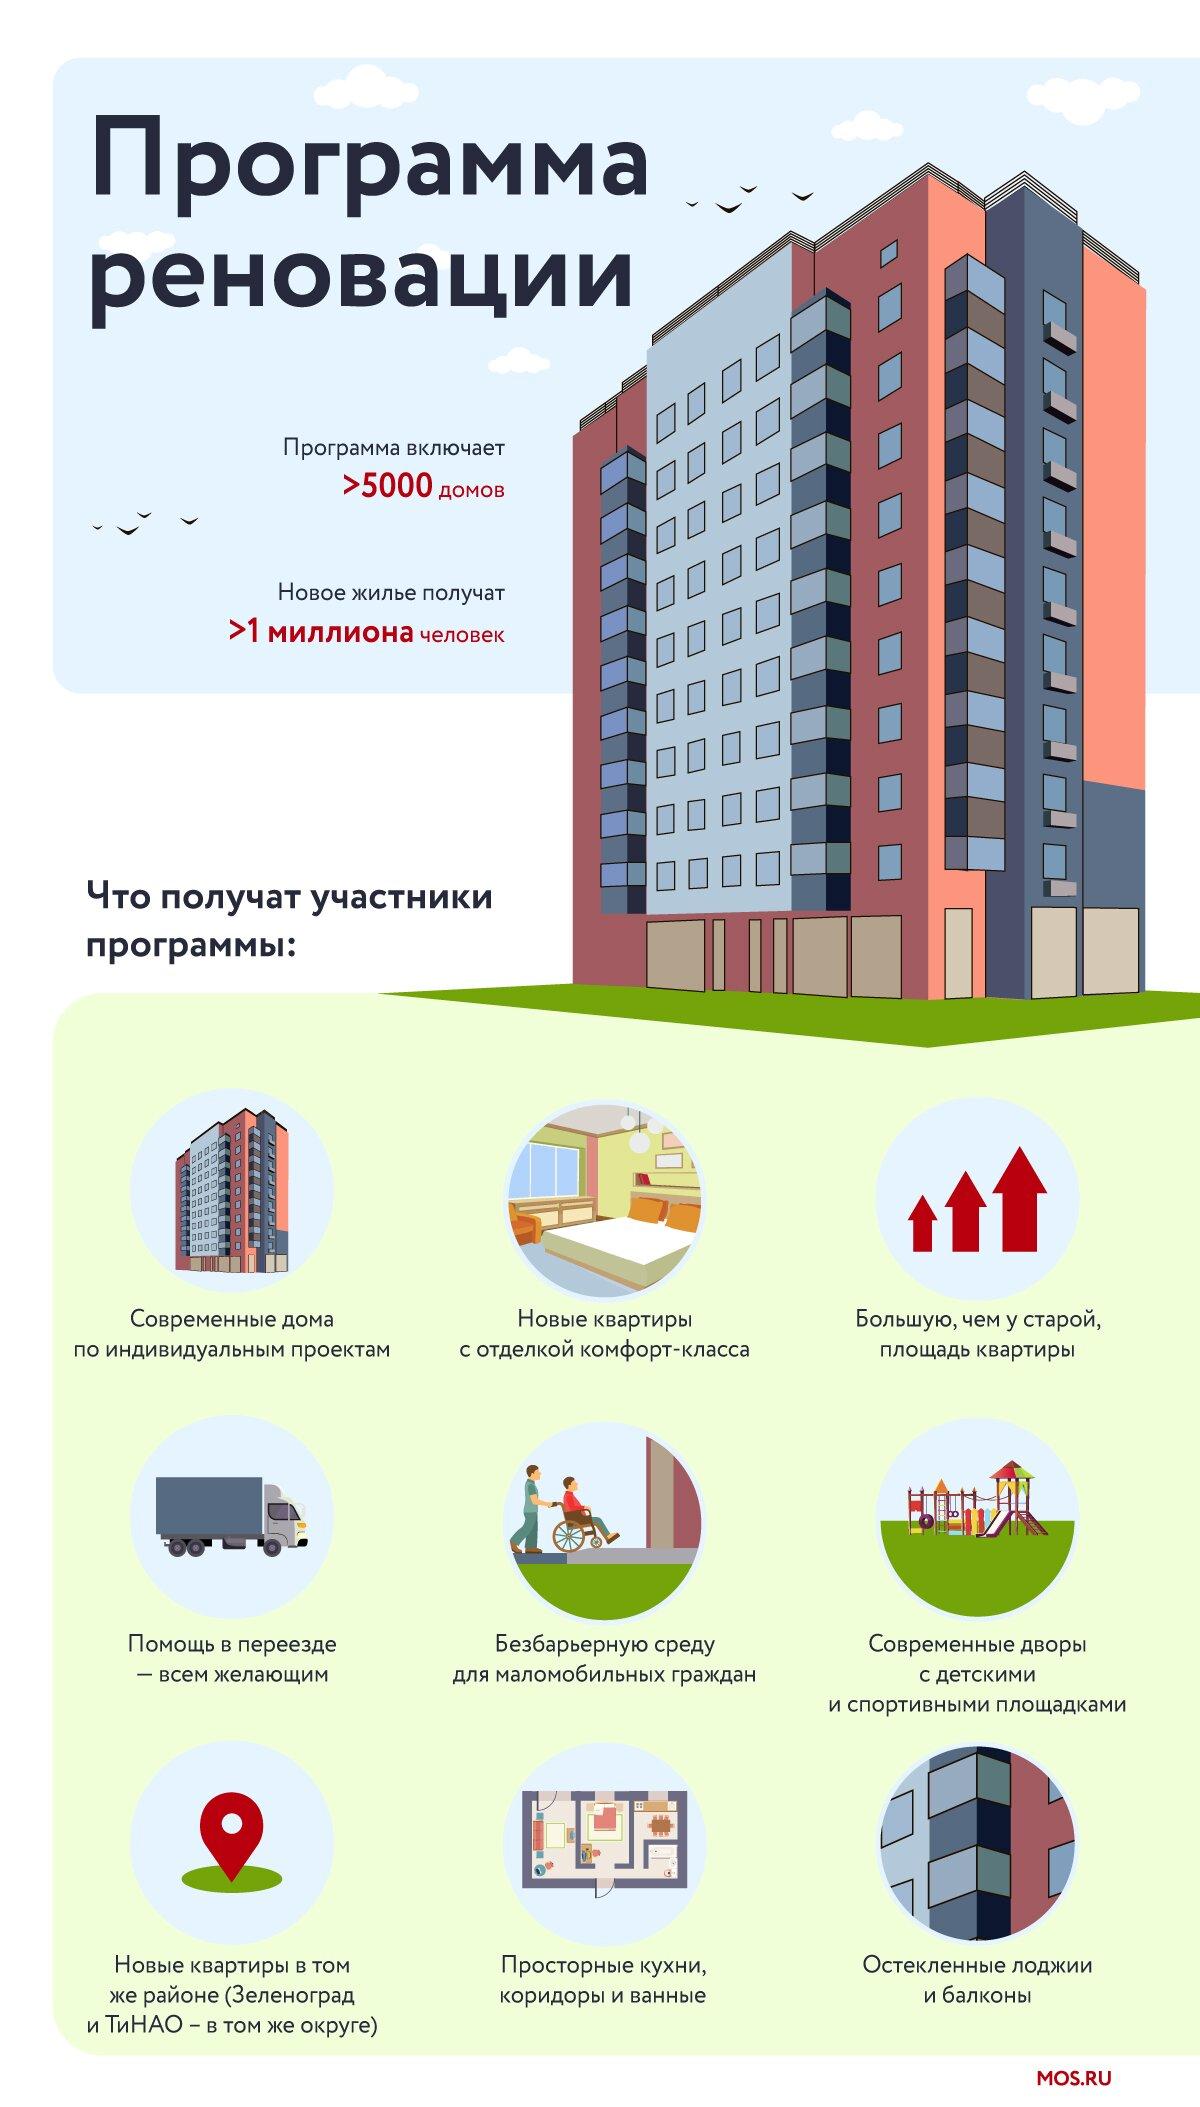 Программа реновации: оформлены разрешения на строительство двух жилых домов в Перове и Дмитровском районе